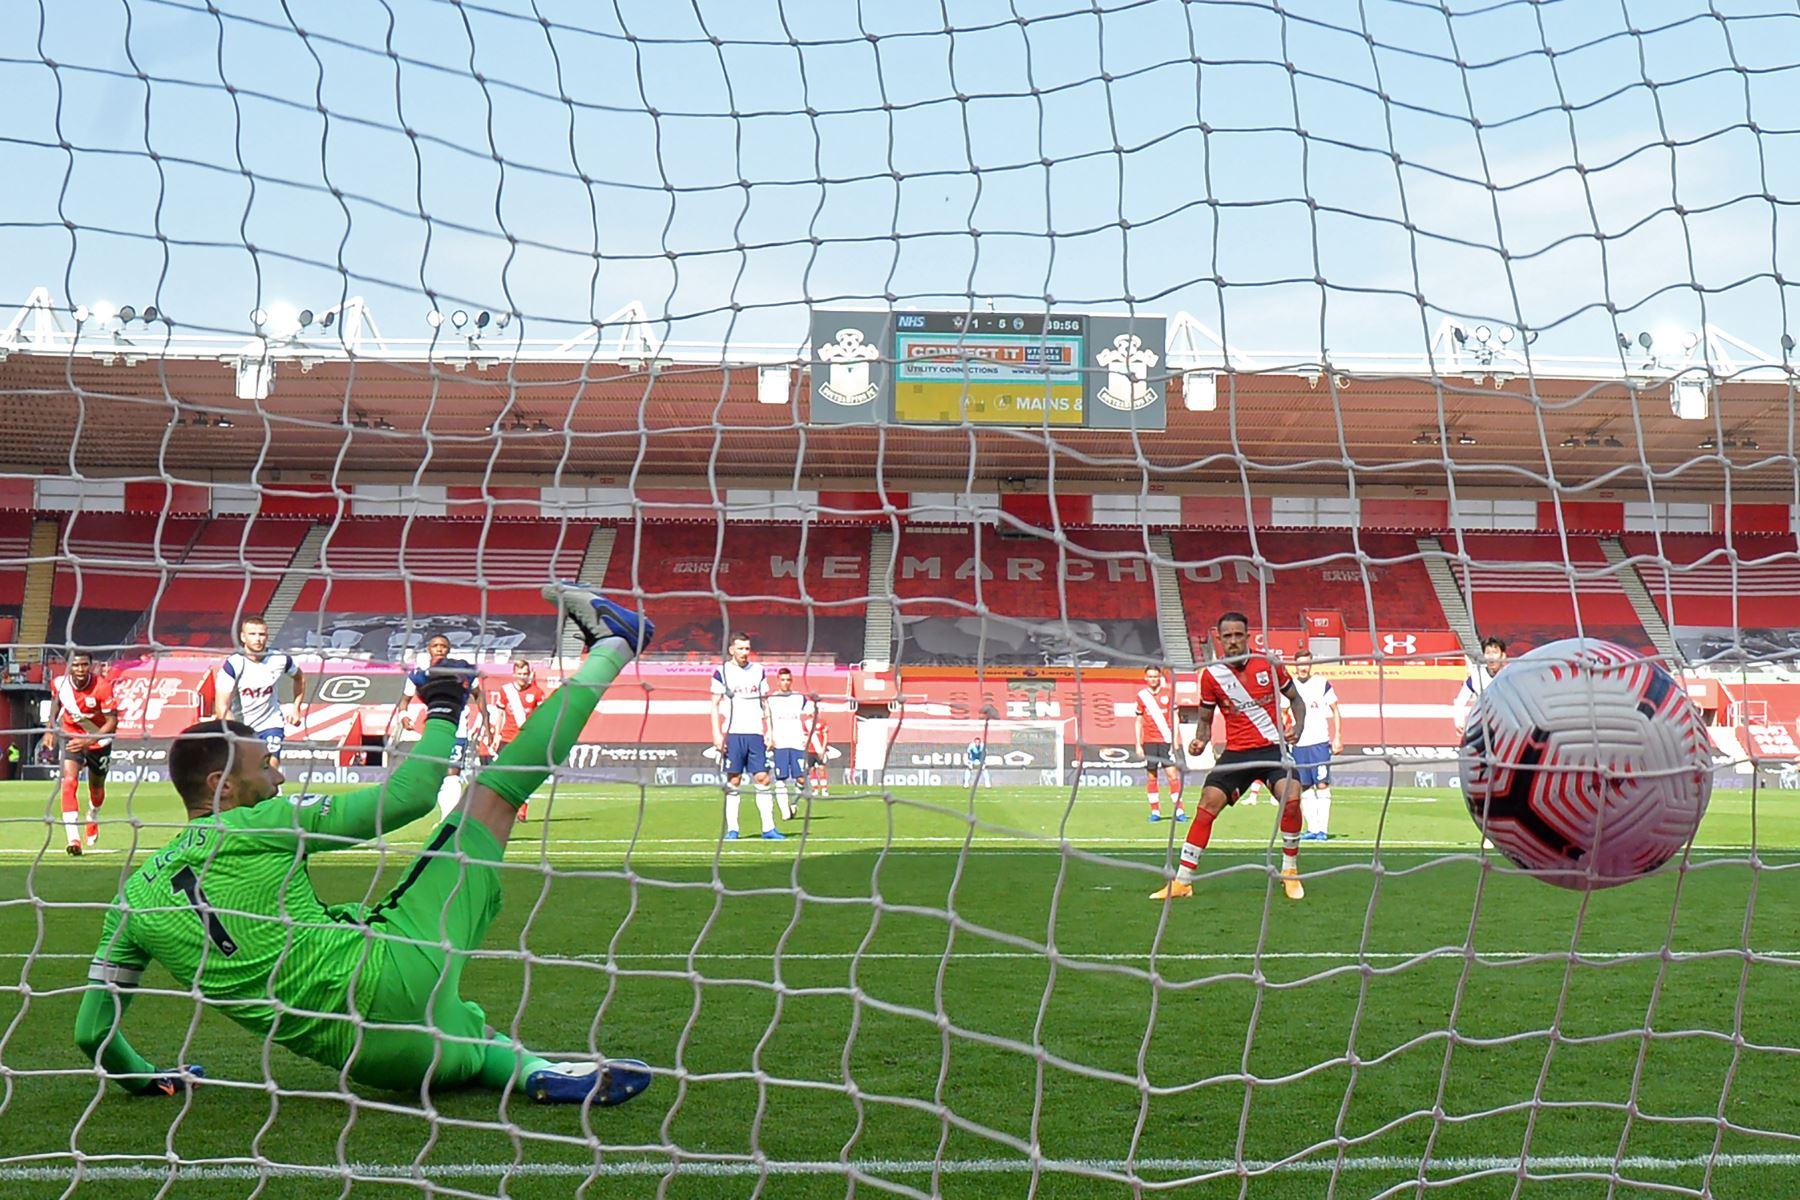 El delantero inglés de Southampton, Danny Ings, anota el segundo gol de su equipo desde el punto de penalti durante el partido de fútbol de la Premier League. Foto: AFP